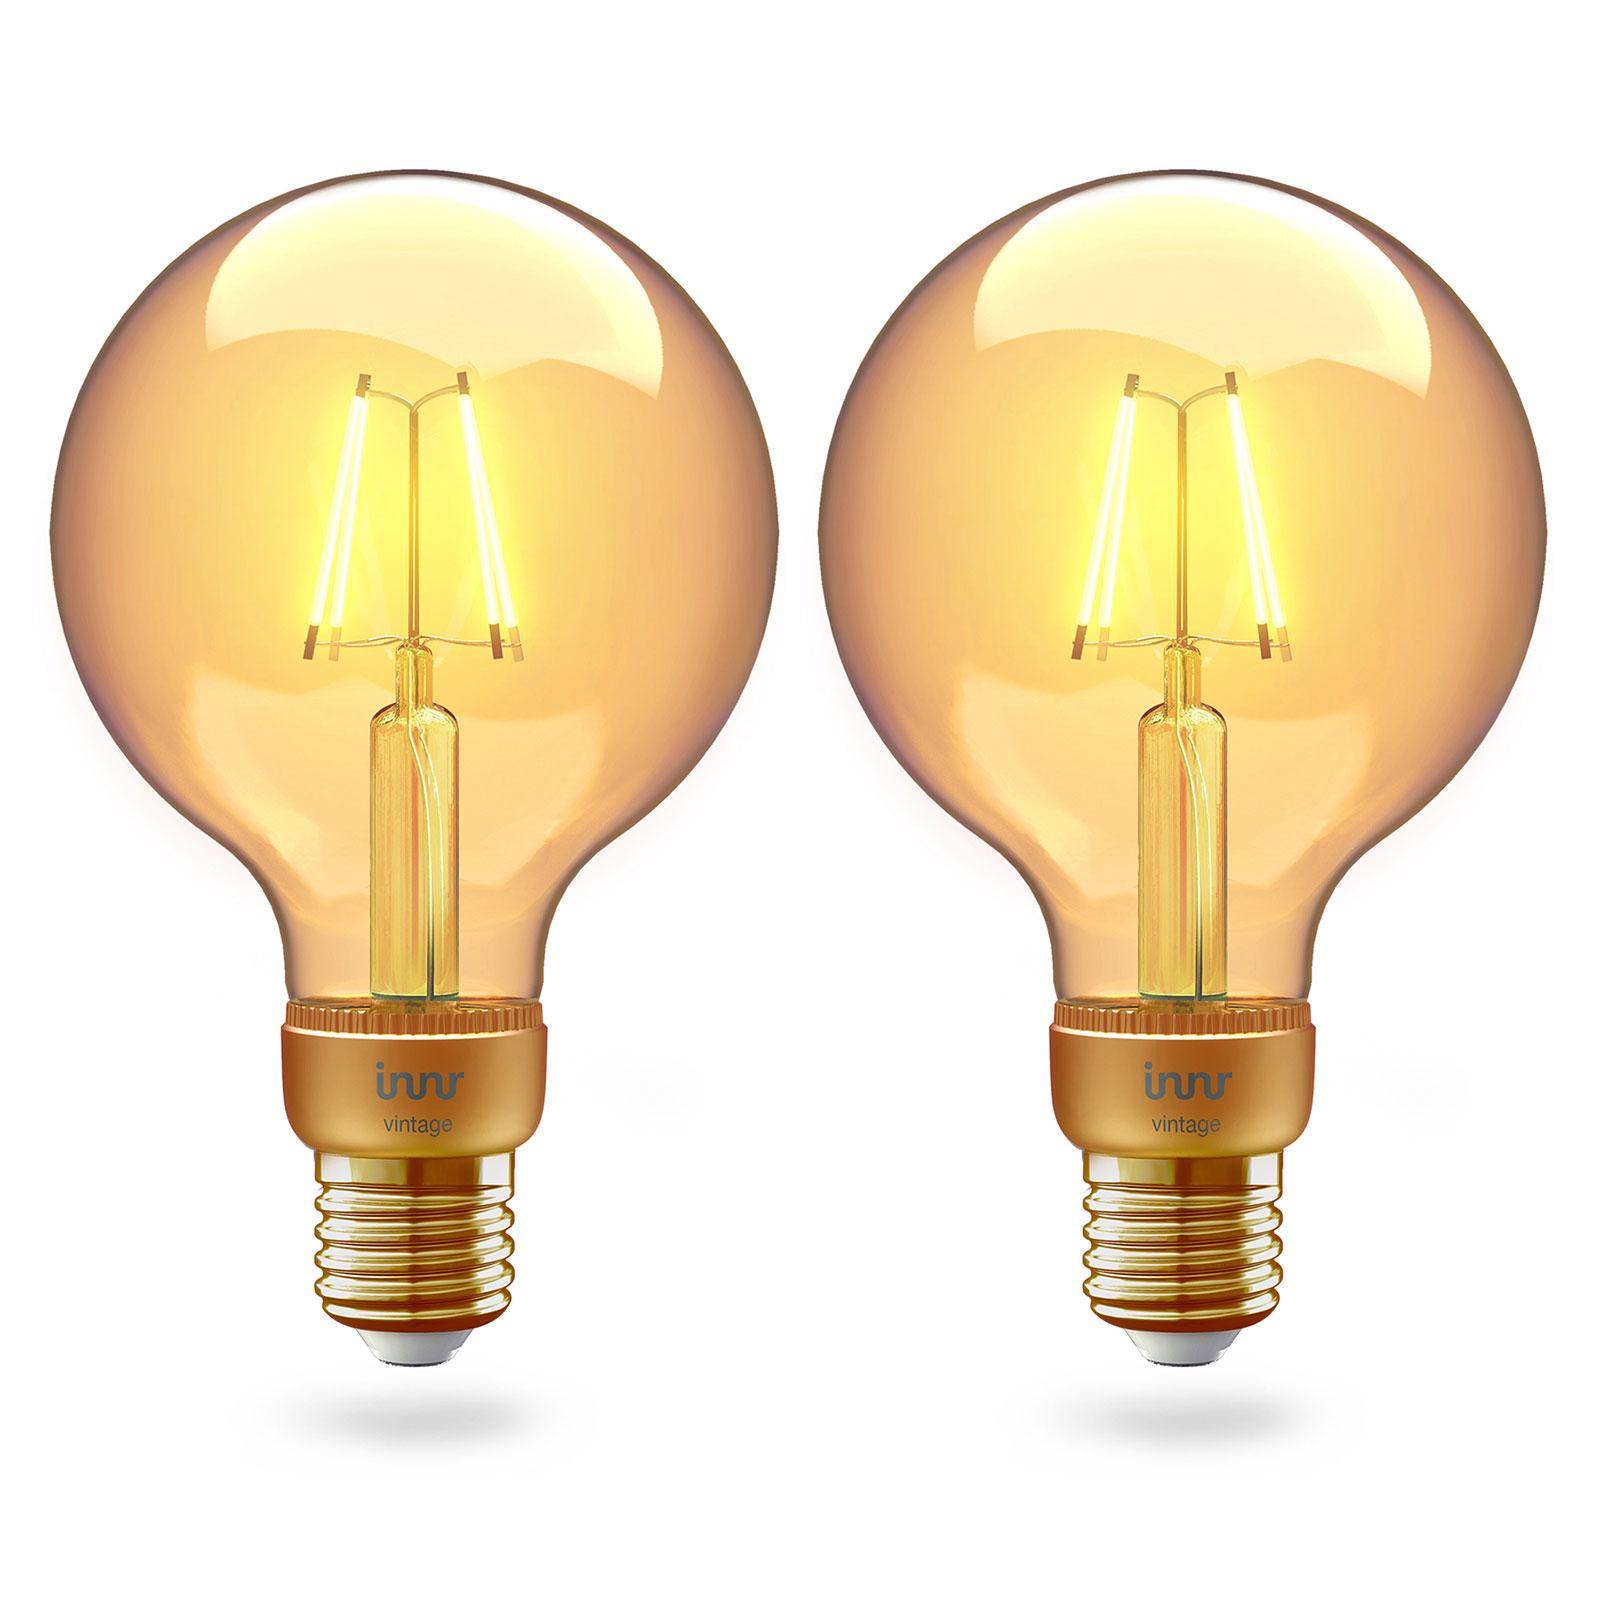 Innr LED-Globe E27 Filament 2.200K 4,2W gold 2er